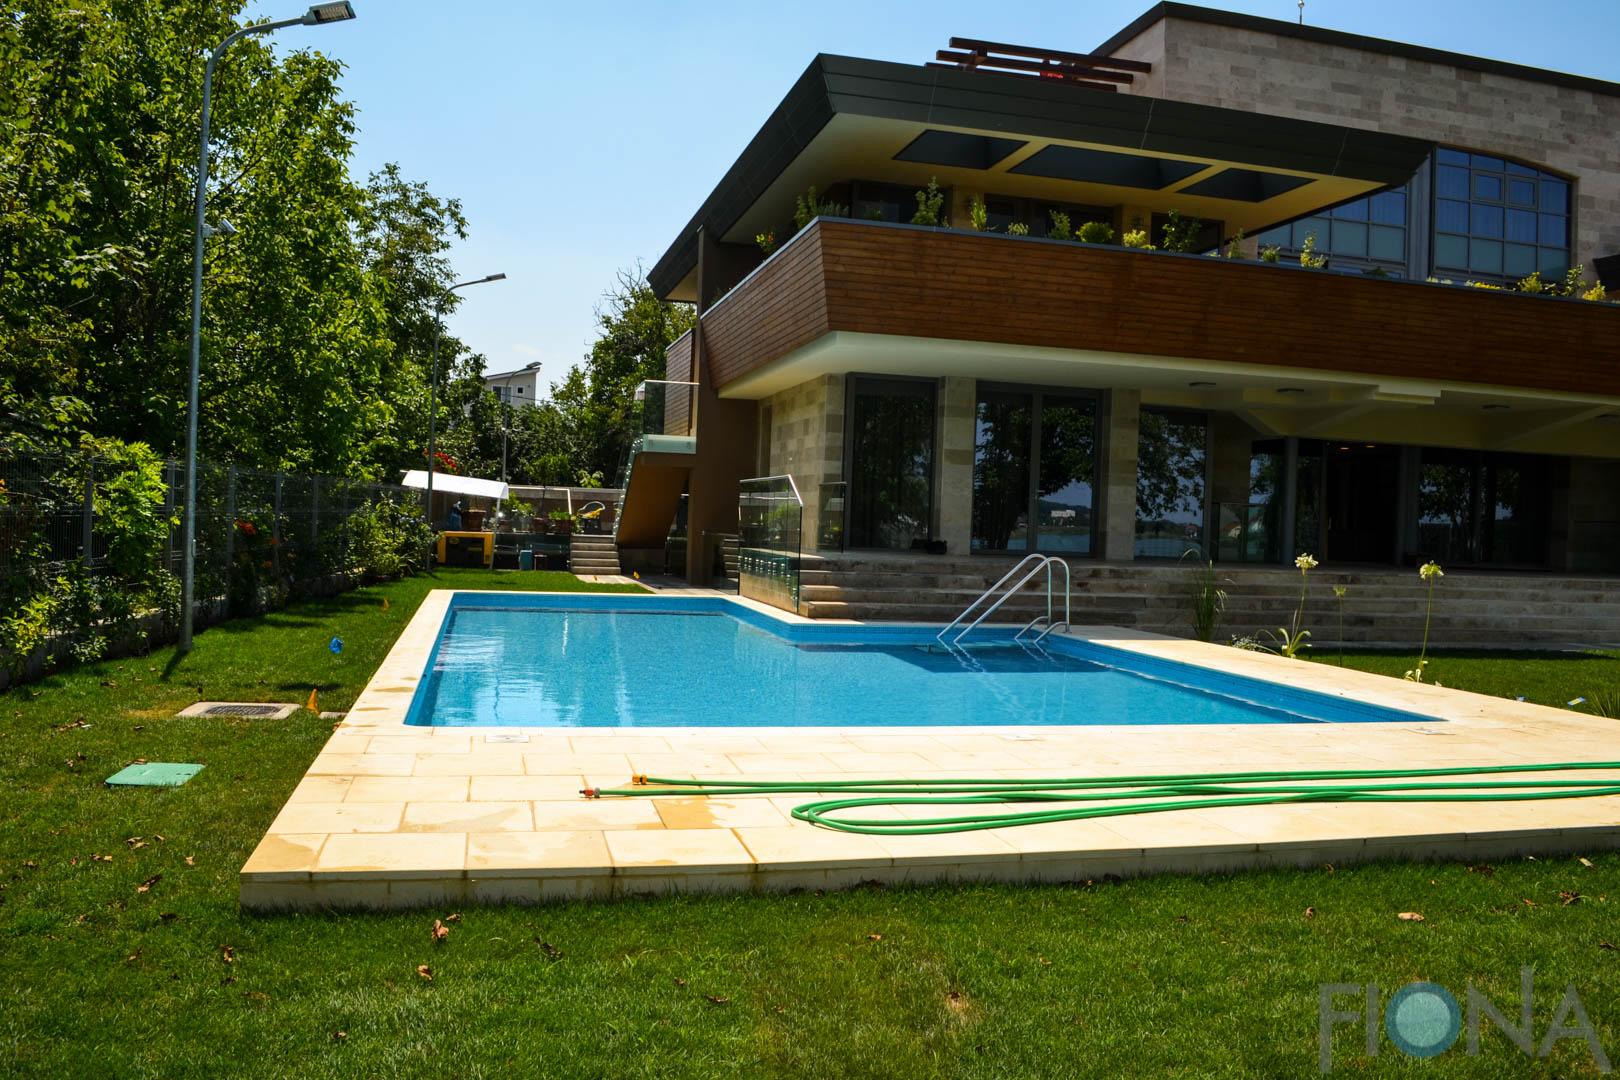 piscina-privata-skimmer6